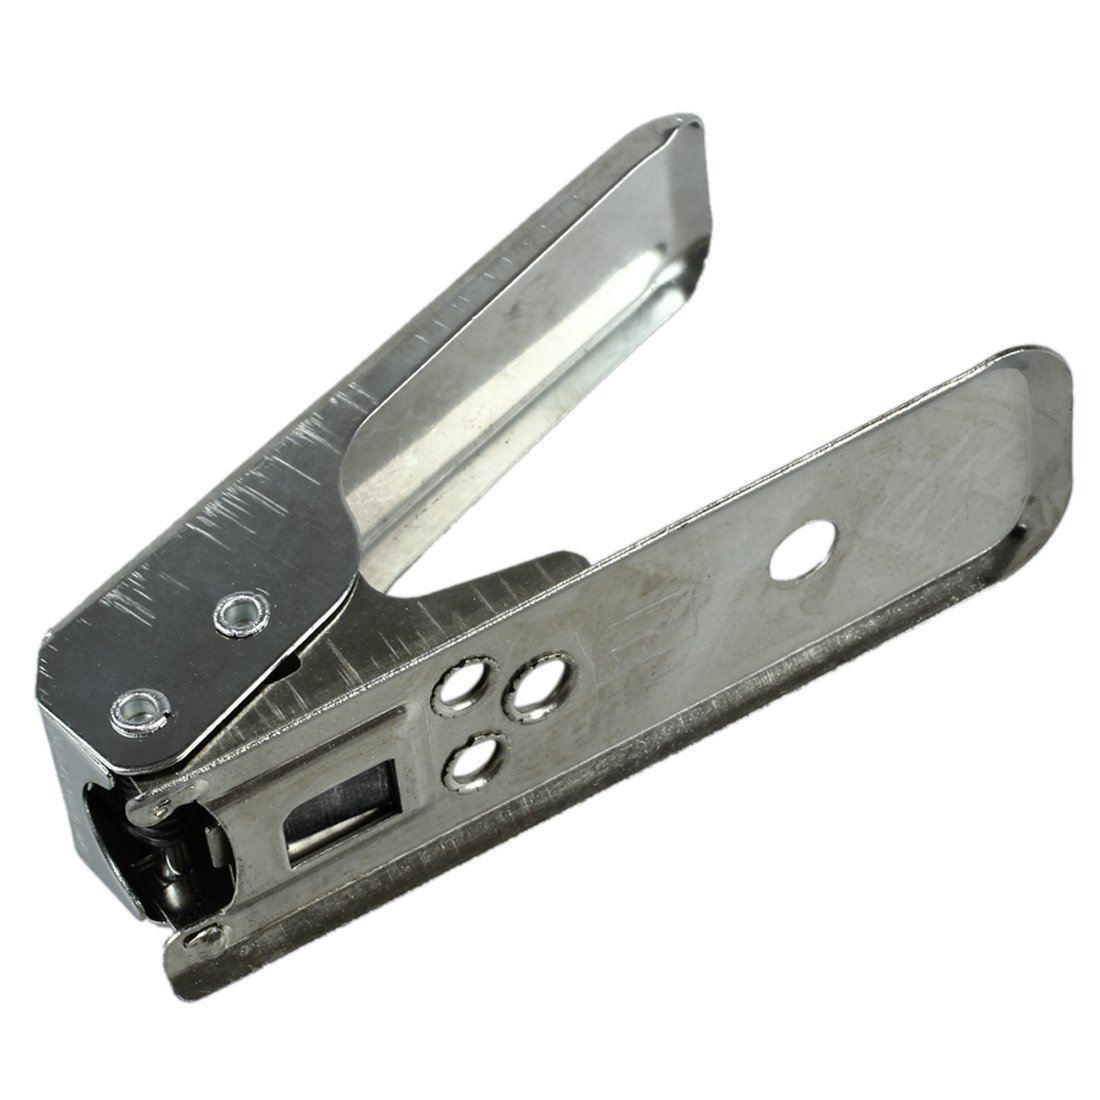 Amazon.com: TOOGOO cortador cuchilla para iPhone 5 SimCard ...